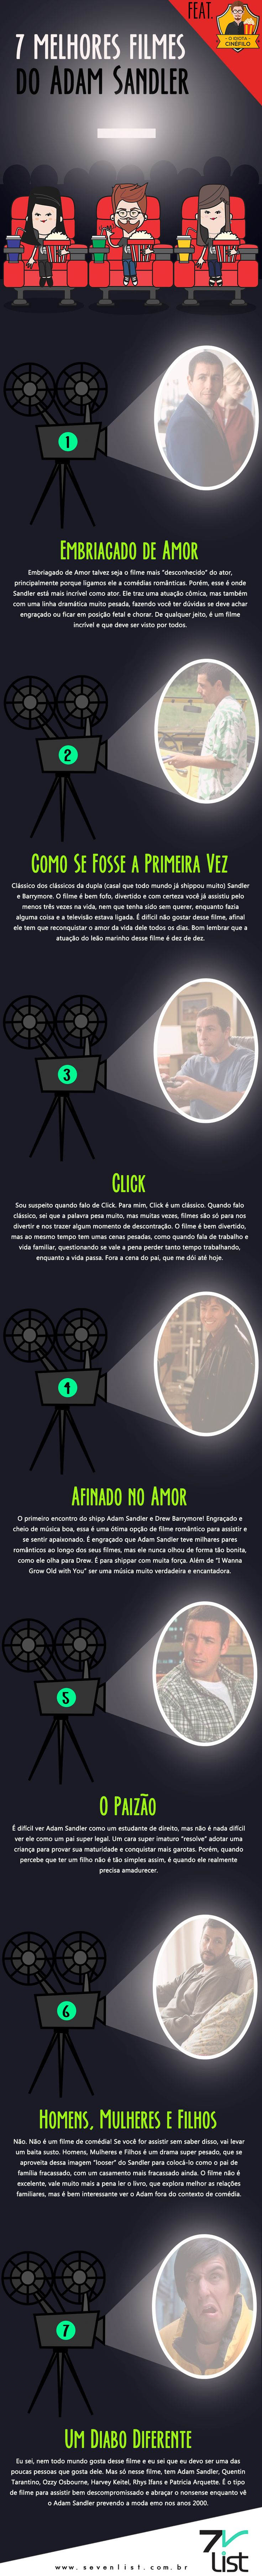 Vamos a uma lista polêmica: nem todo mundo é fã de Adam Sandler, porém um membro da nossa equipe (Mais conhecido como O Idiota Cinéfilo) é um defensor fiel do ator. Confira os 7 melhores filmes do Adam Sandler que ele listou pra gente. #SevenList #Cinema #Cine #Movies #Cine #Filmes #Film #AdamSandler